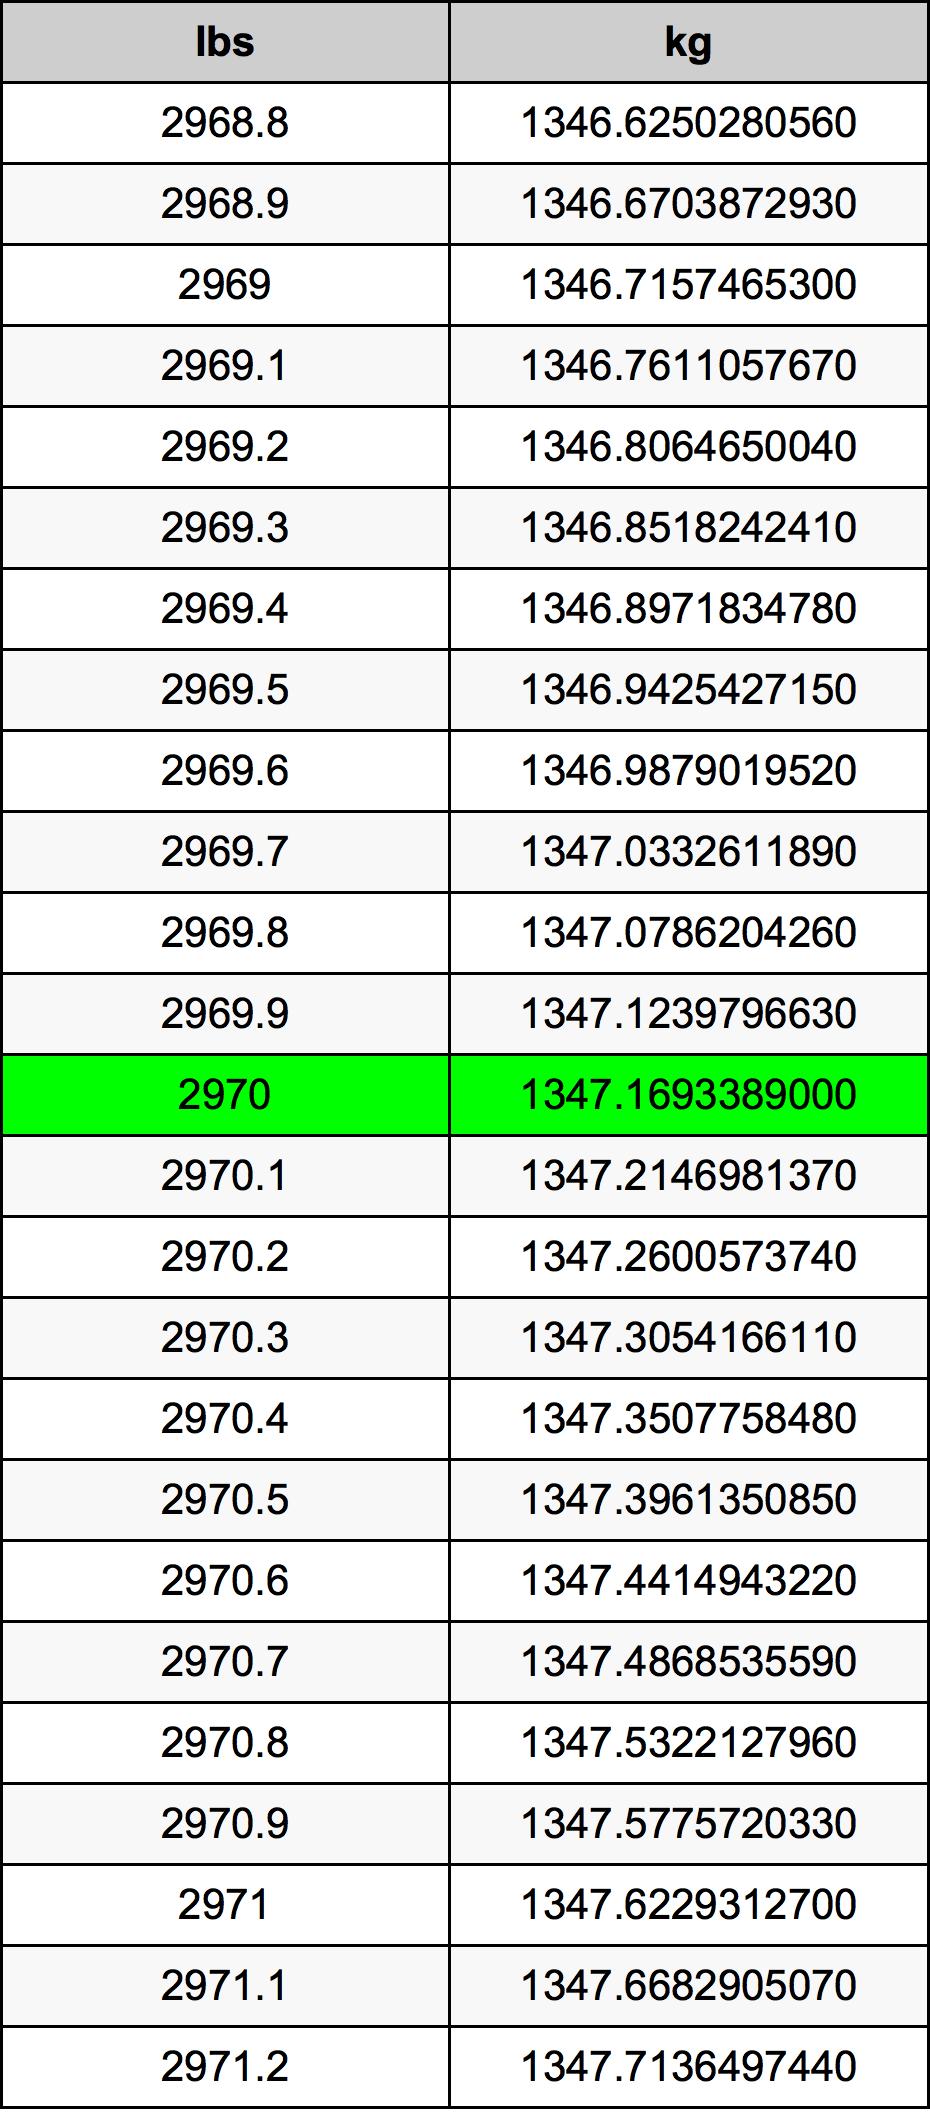 2970 Svaras konversijos lentelę